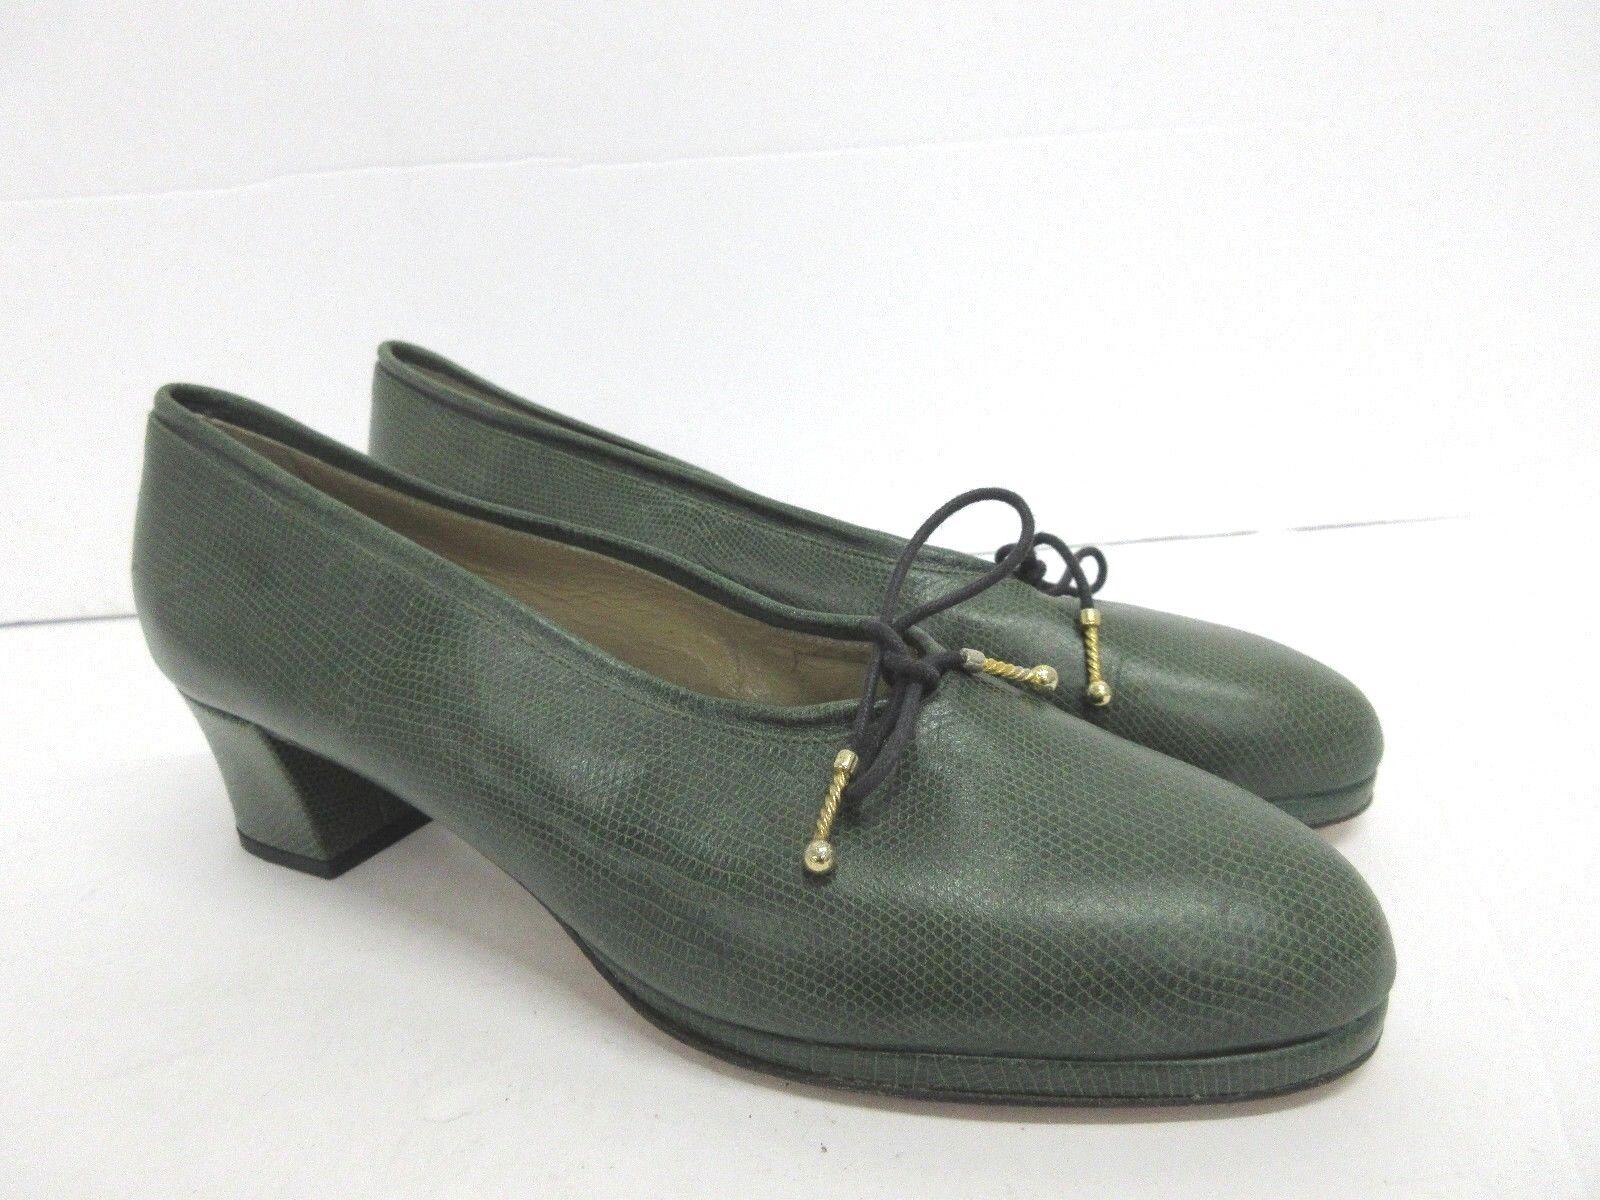 Castaner  Vintage pantofole en verde Dimensione  40 Eur, 10 Us  prezzi all'ingrosso